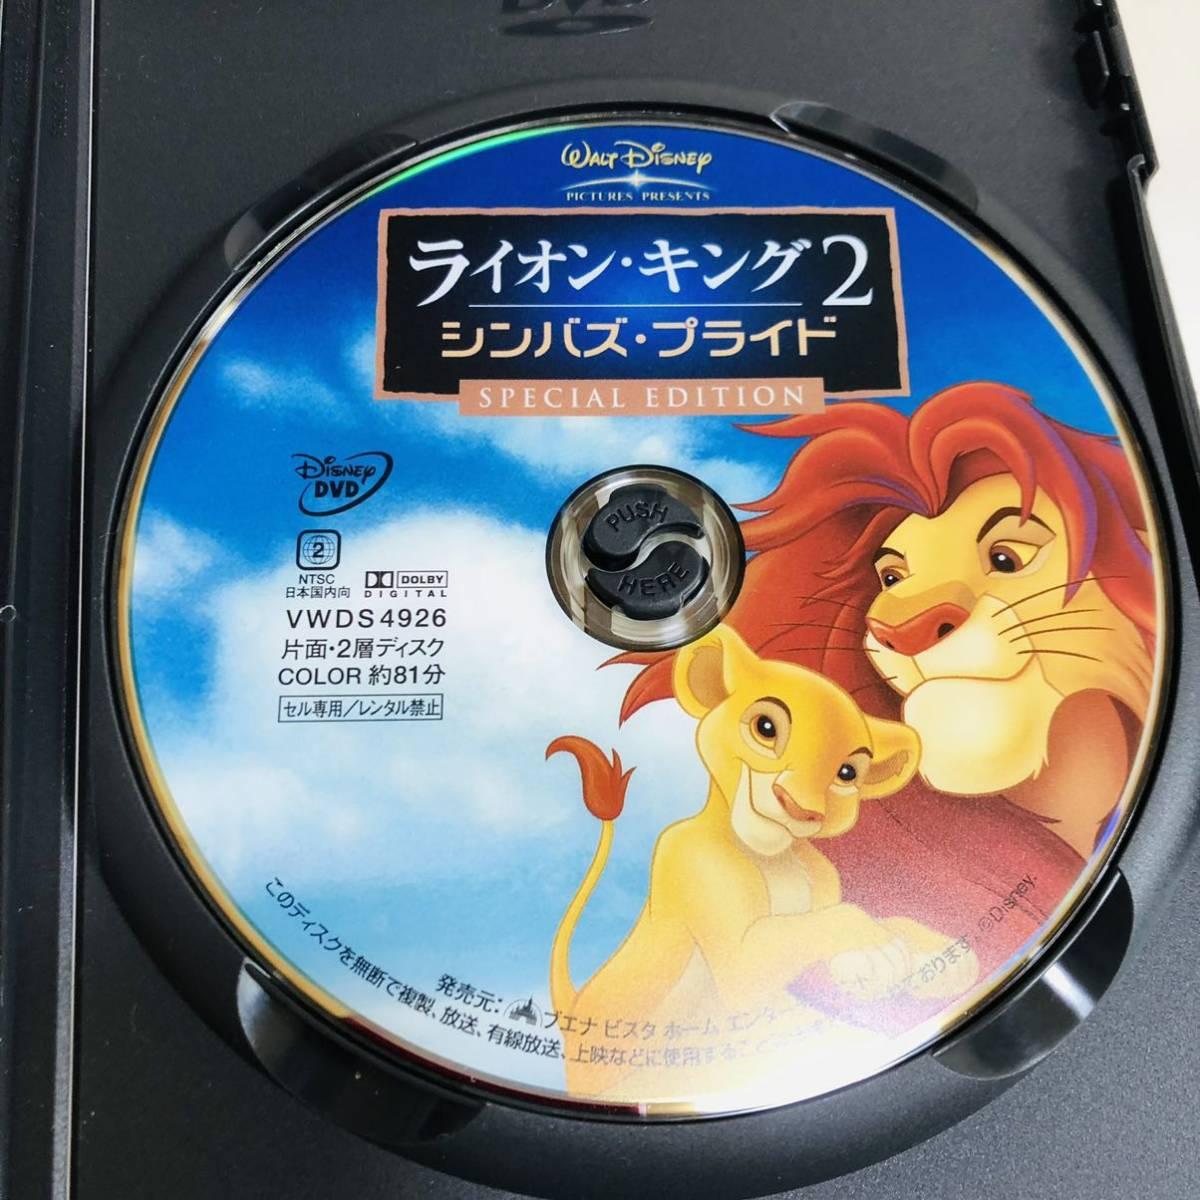 送料無料☆ライオンキング2 DVD ディズニー ライオンキング シンバズプライド ライオンキングⅡ シンバズ・プライド (221